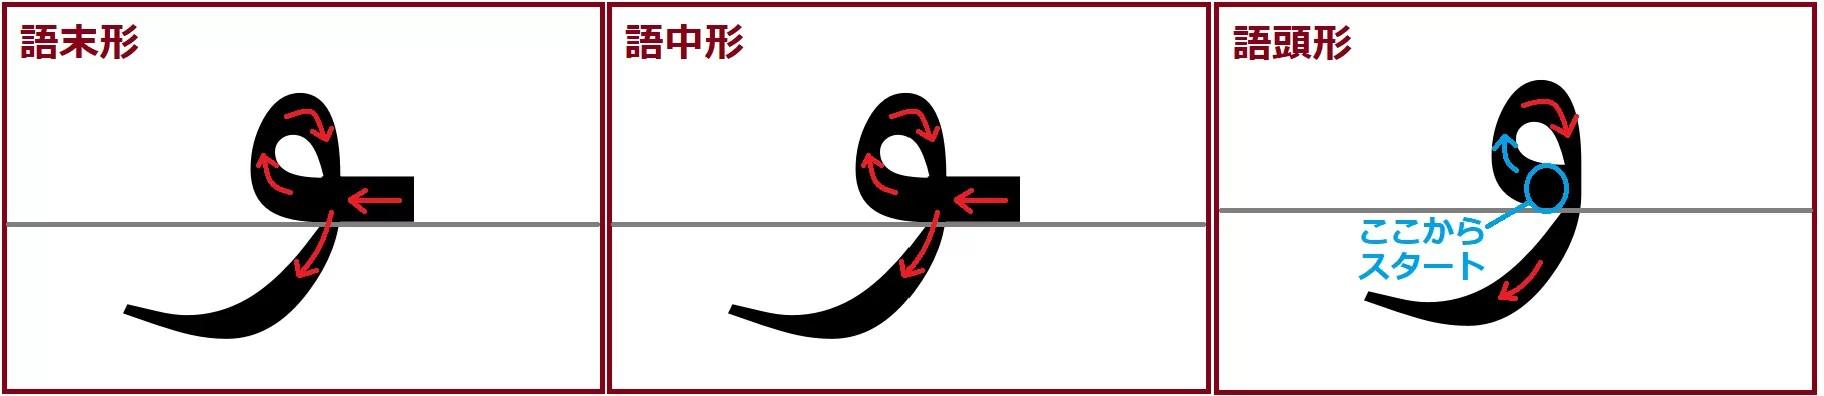 ワーウ語頭、語中、語末形